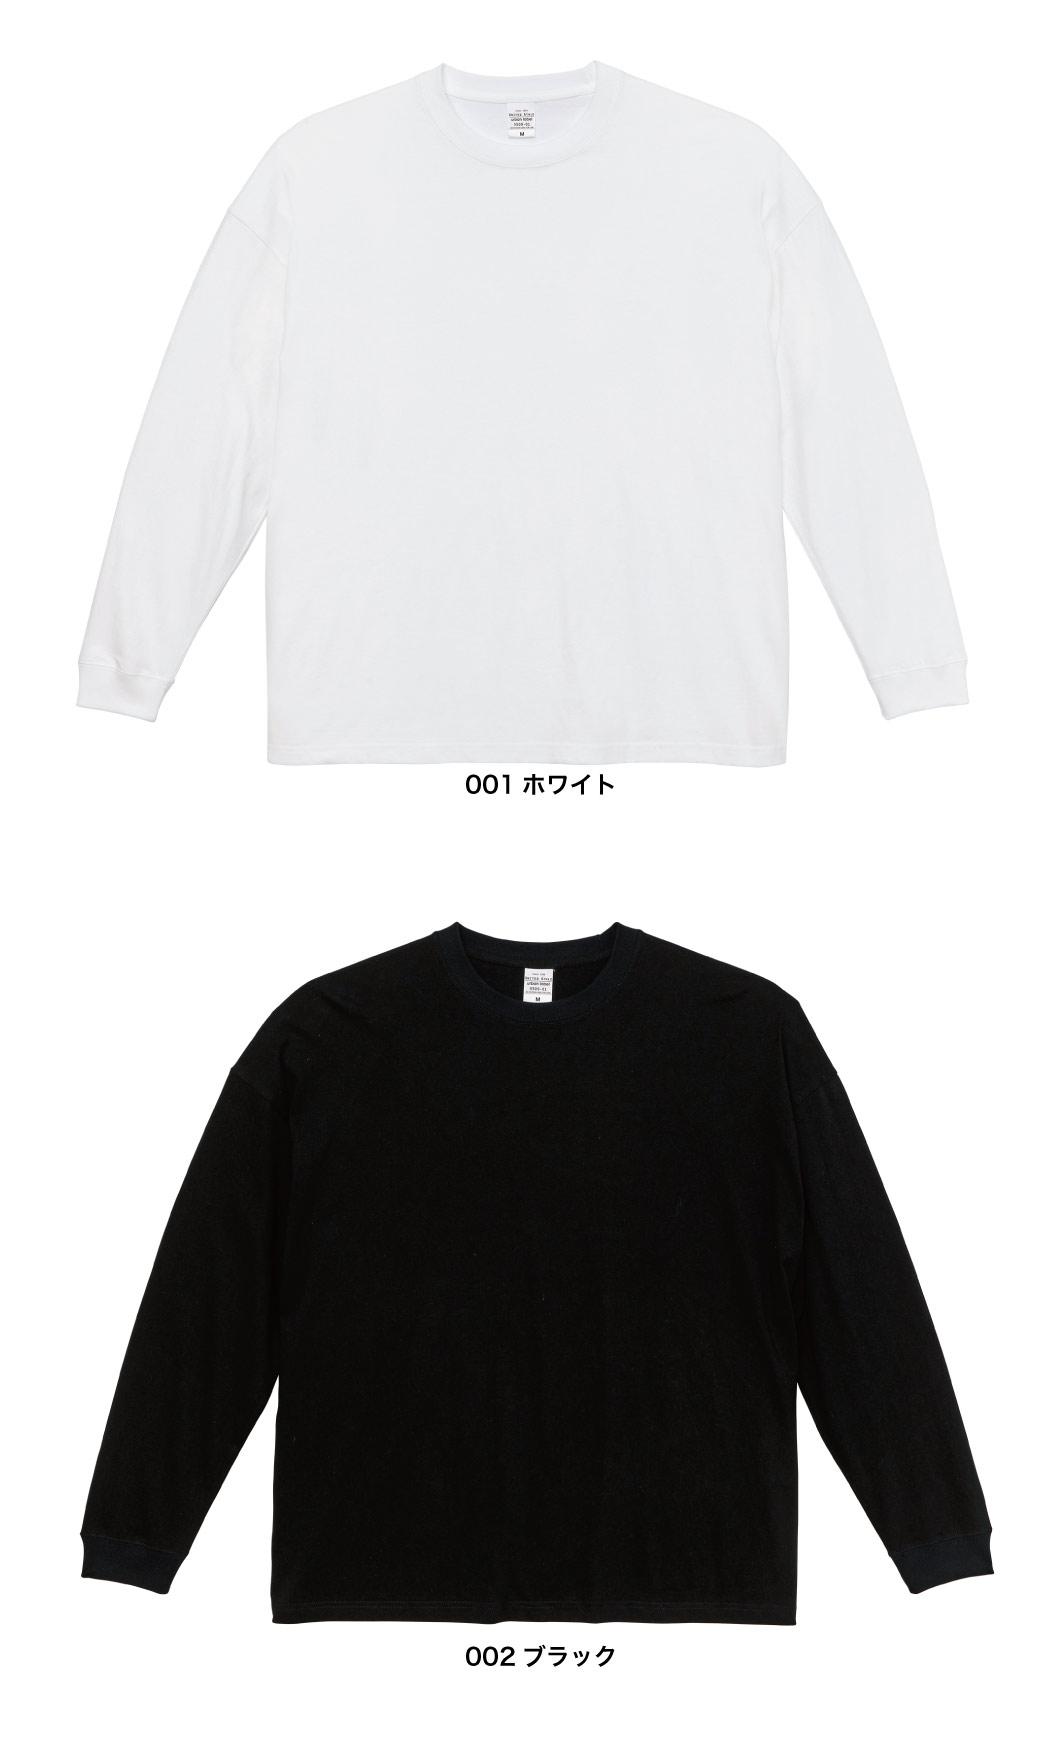 5509-01ビッグシルエットロングスリーブTシャツのカラー見本